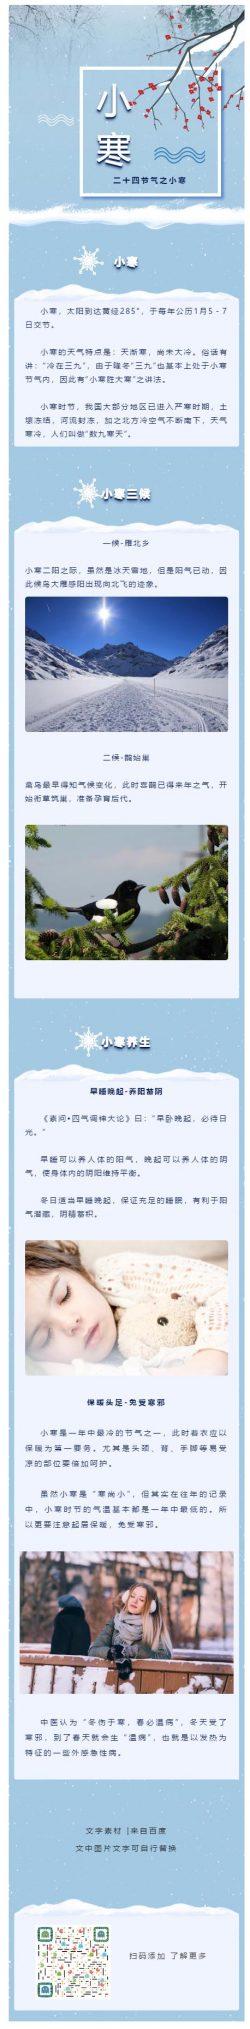 二十四节气之小大寒大寒冬季动态飘雪冷色风格微信推文模板